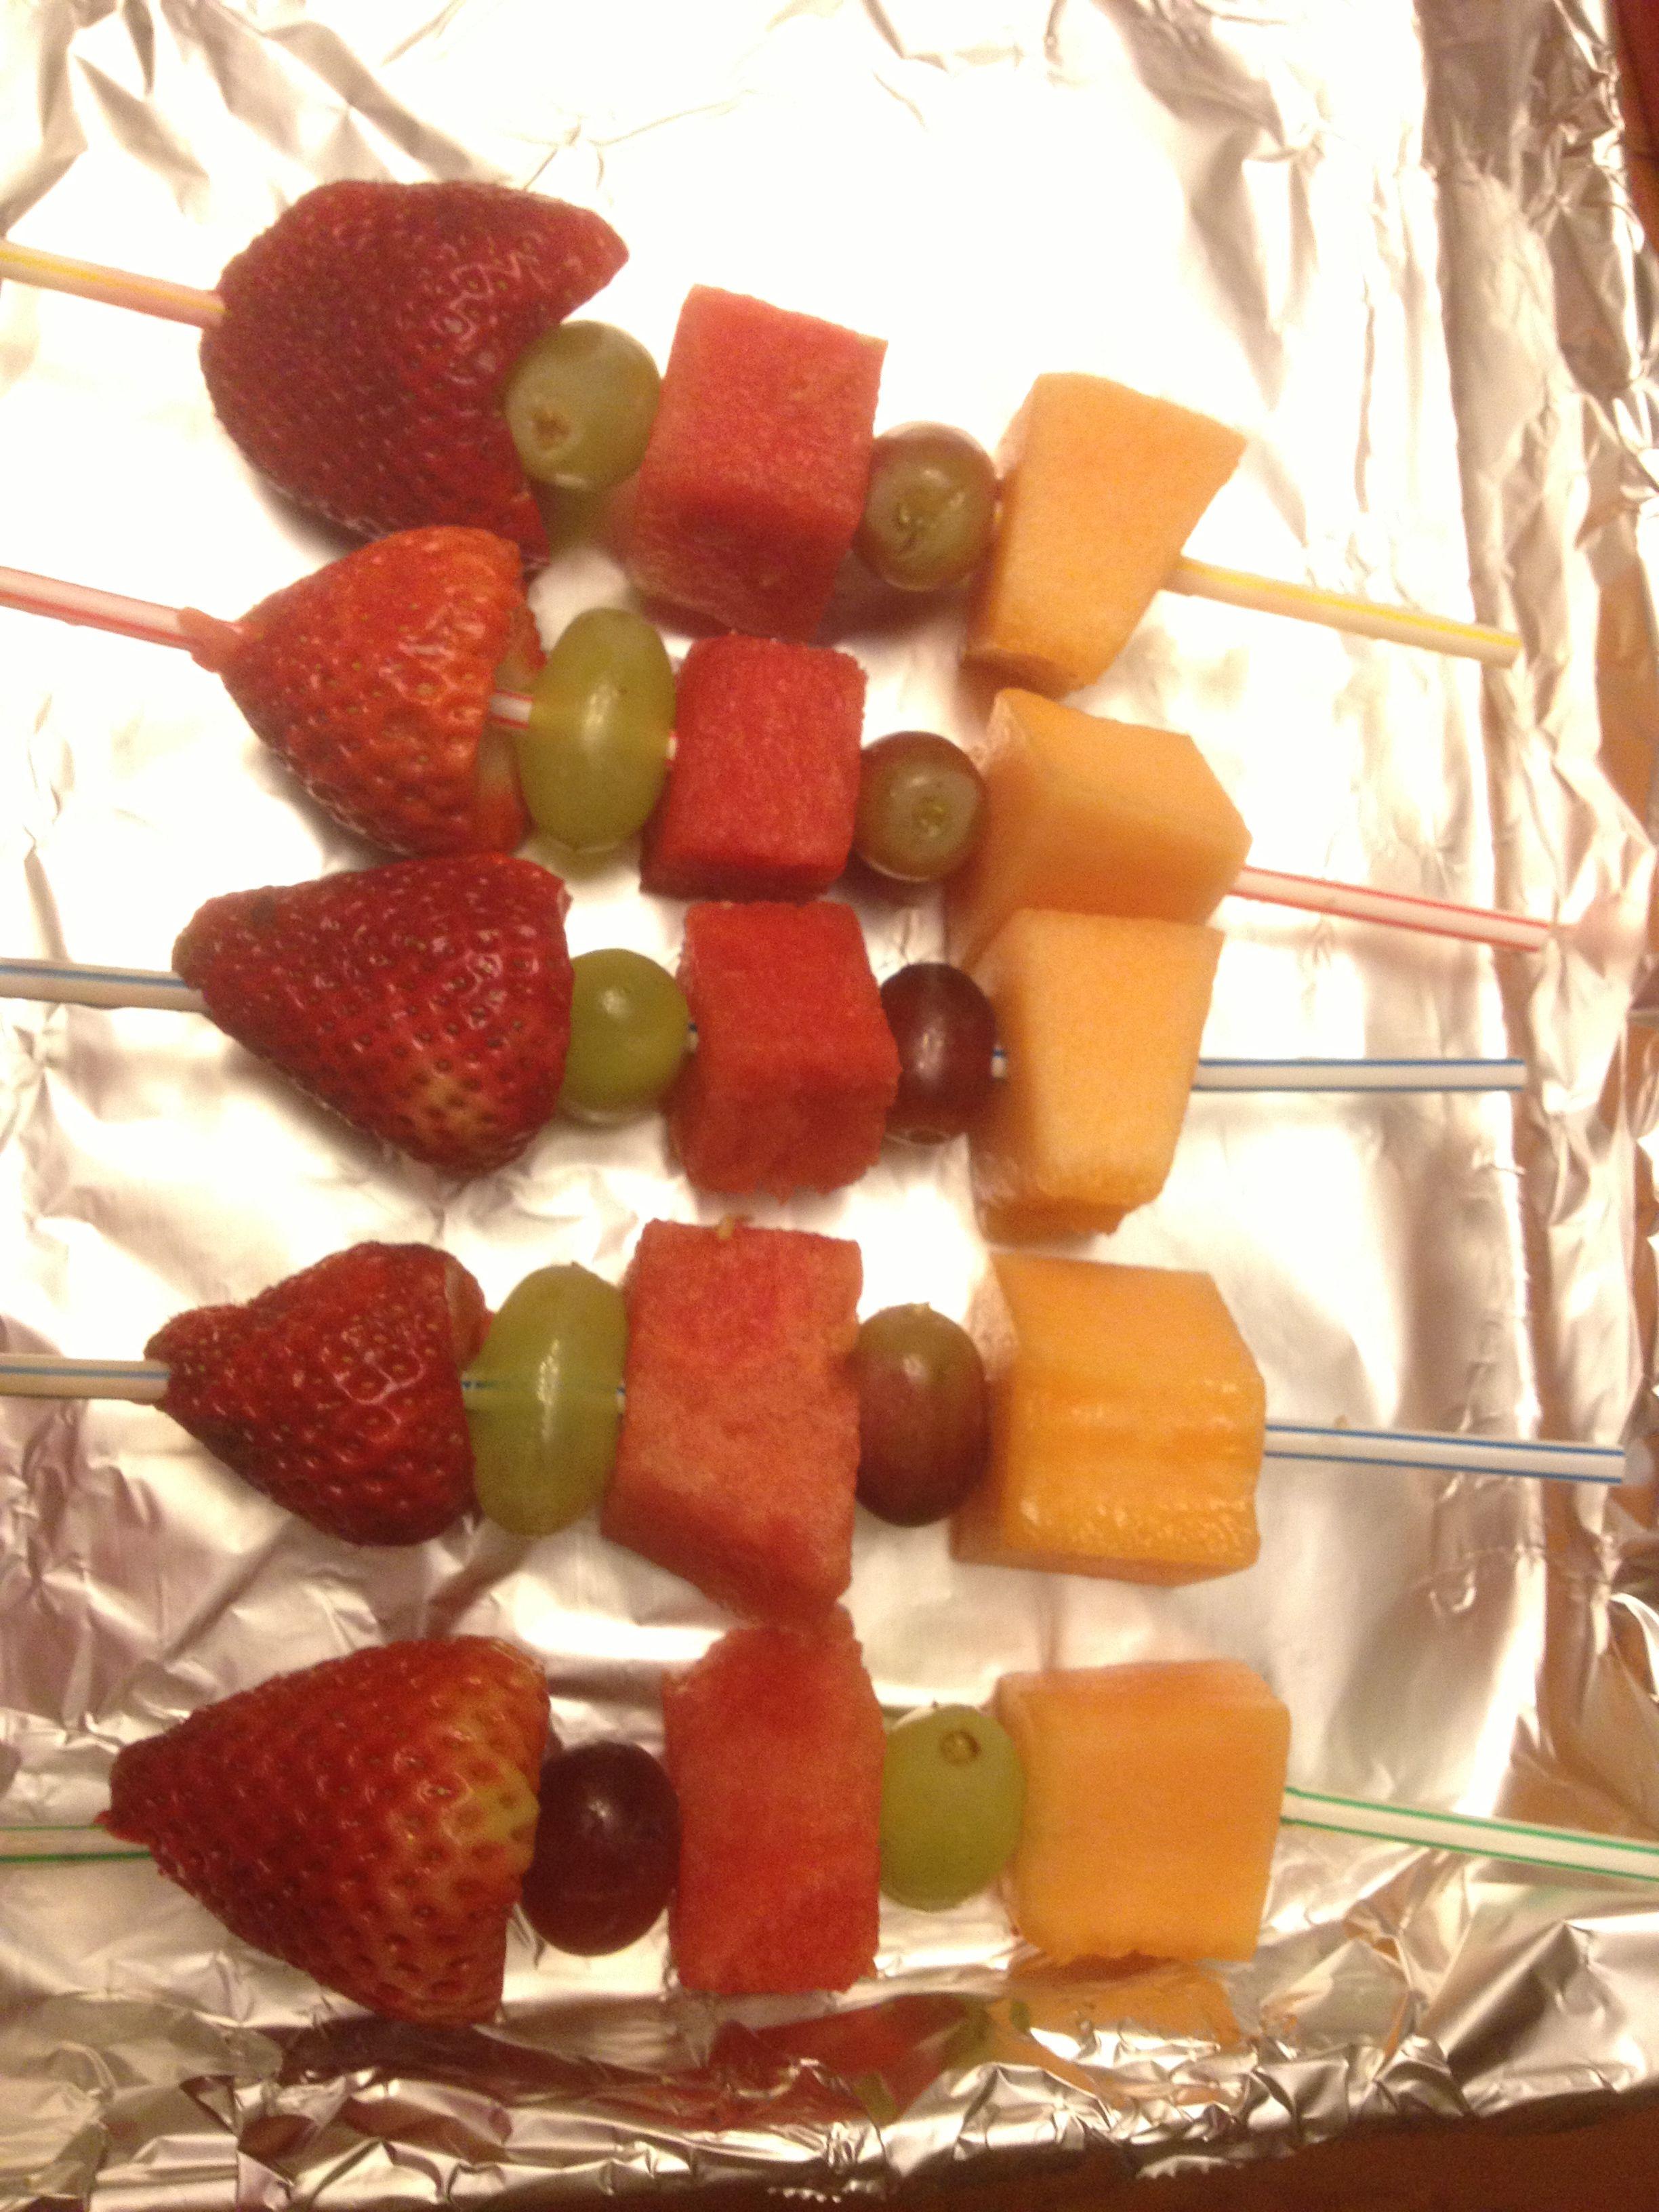 Safe Fruit Kebabs For Kid S School Parties Use Straws Instead Of Skewers Fruit Kebabs Kids Party Food Kids Meals